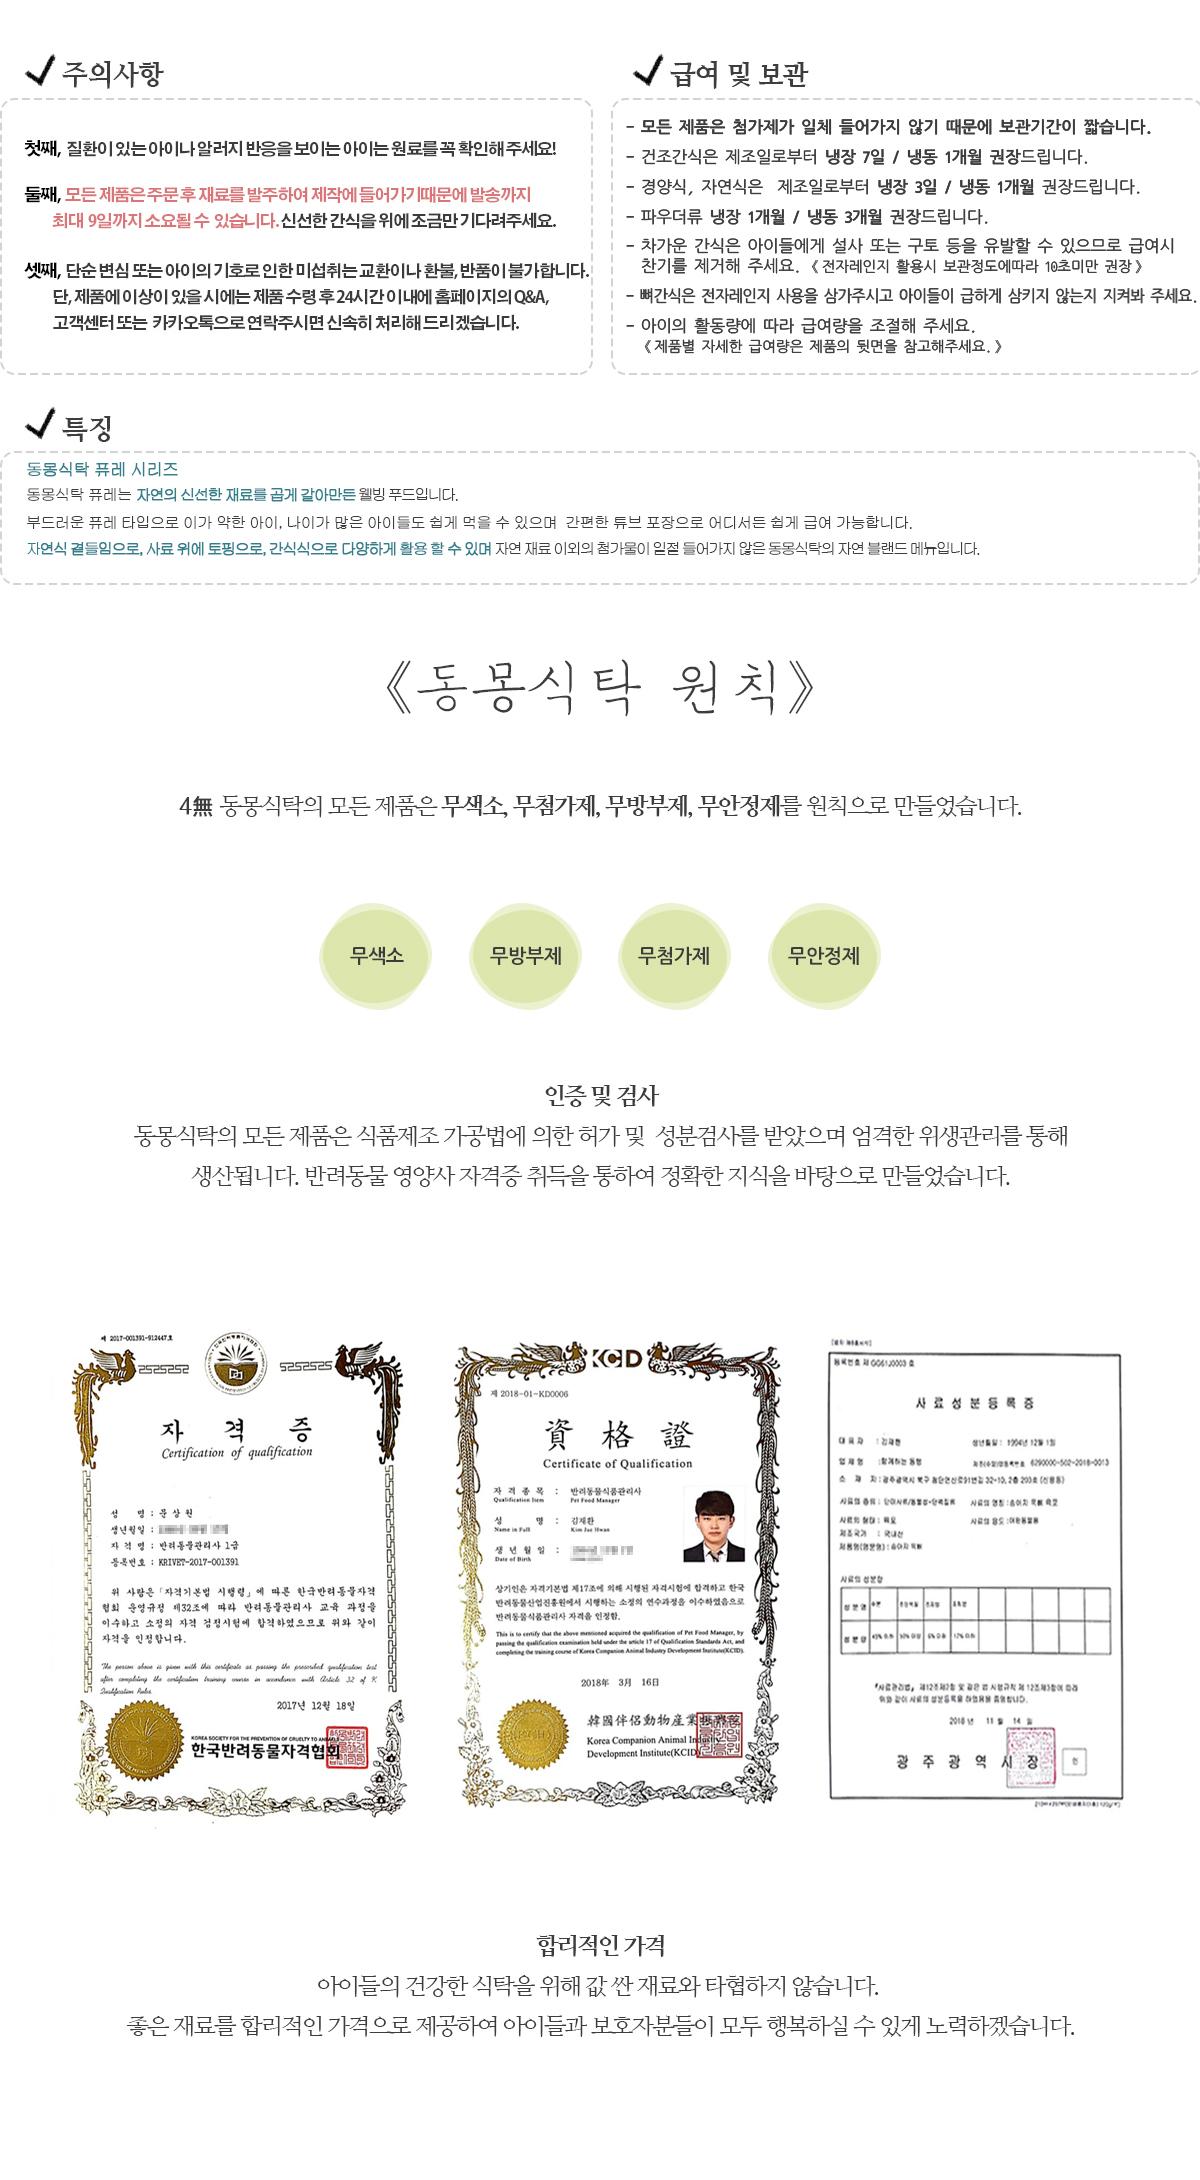 강아지 수제간식 칠면조 육포 100g - 동몽식탁, 13,000원, 간식/영양제, 수제간식